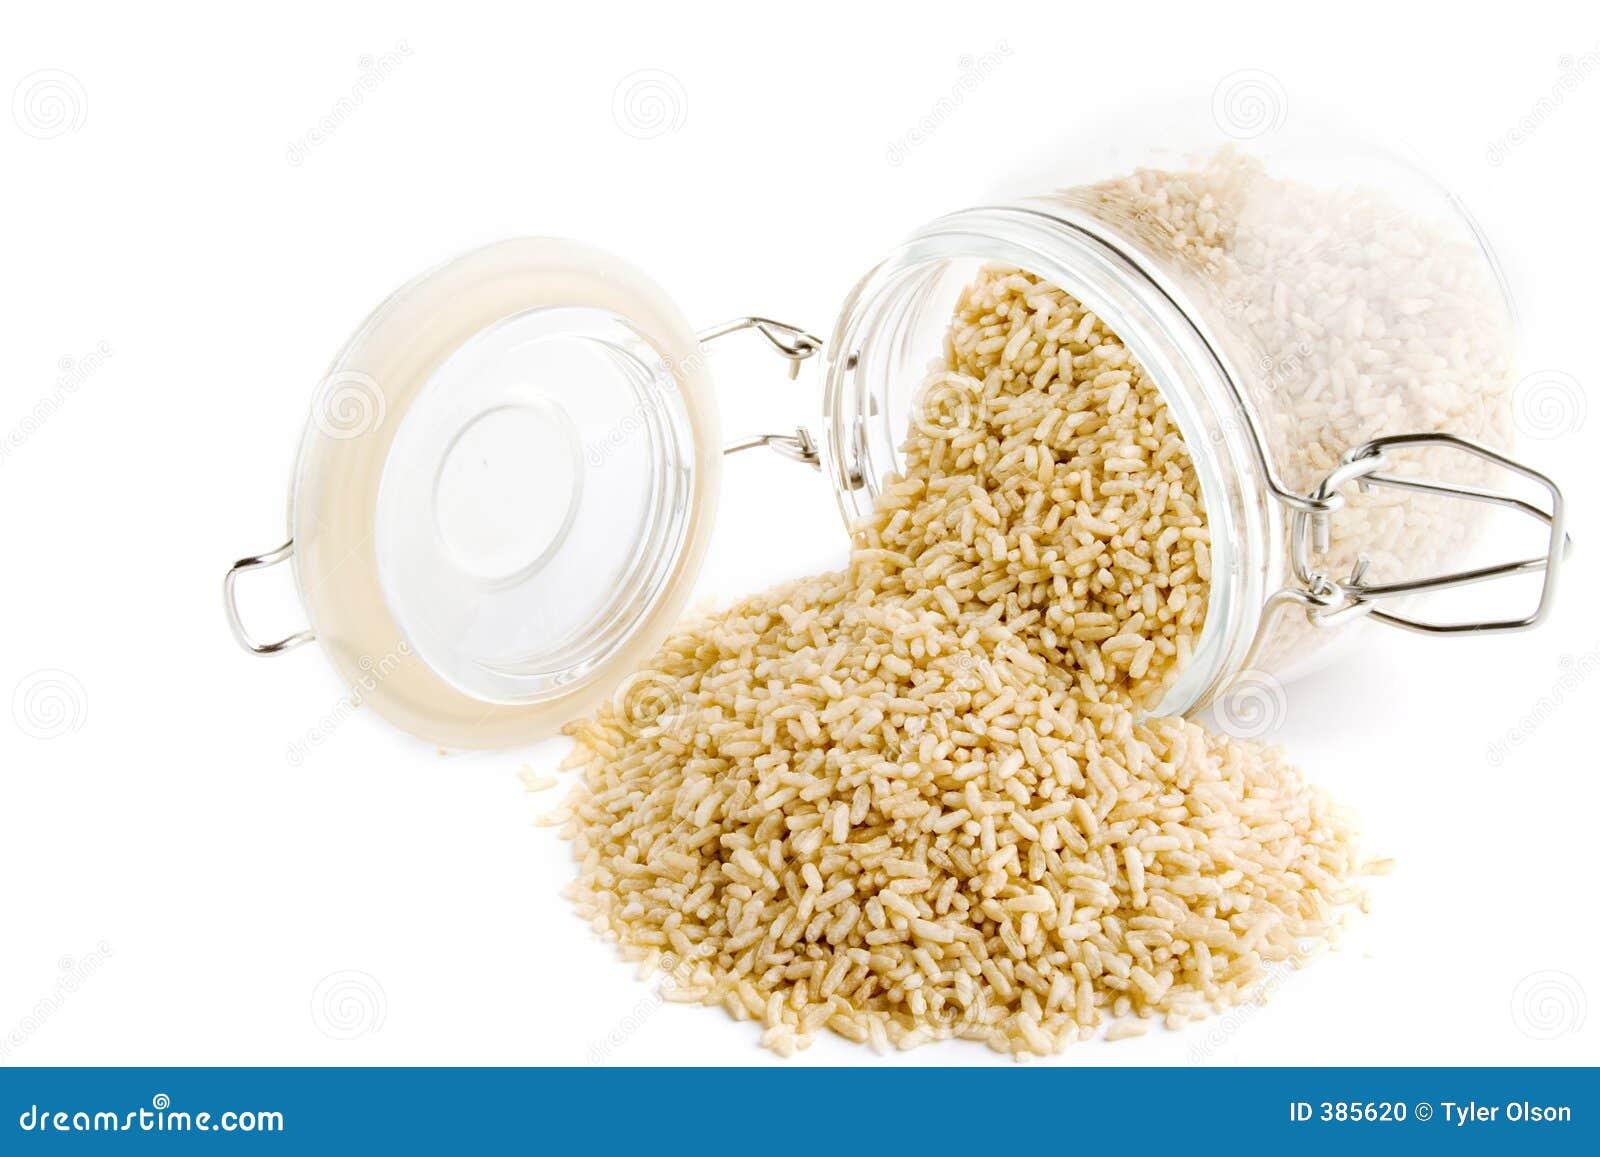 στιγμιαίο σύνολο ρυζιού σιταριού